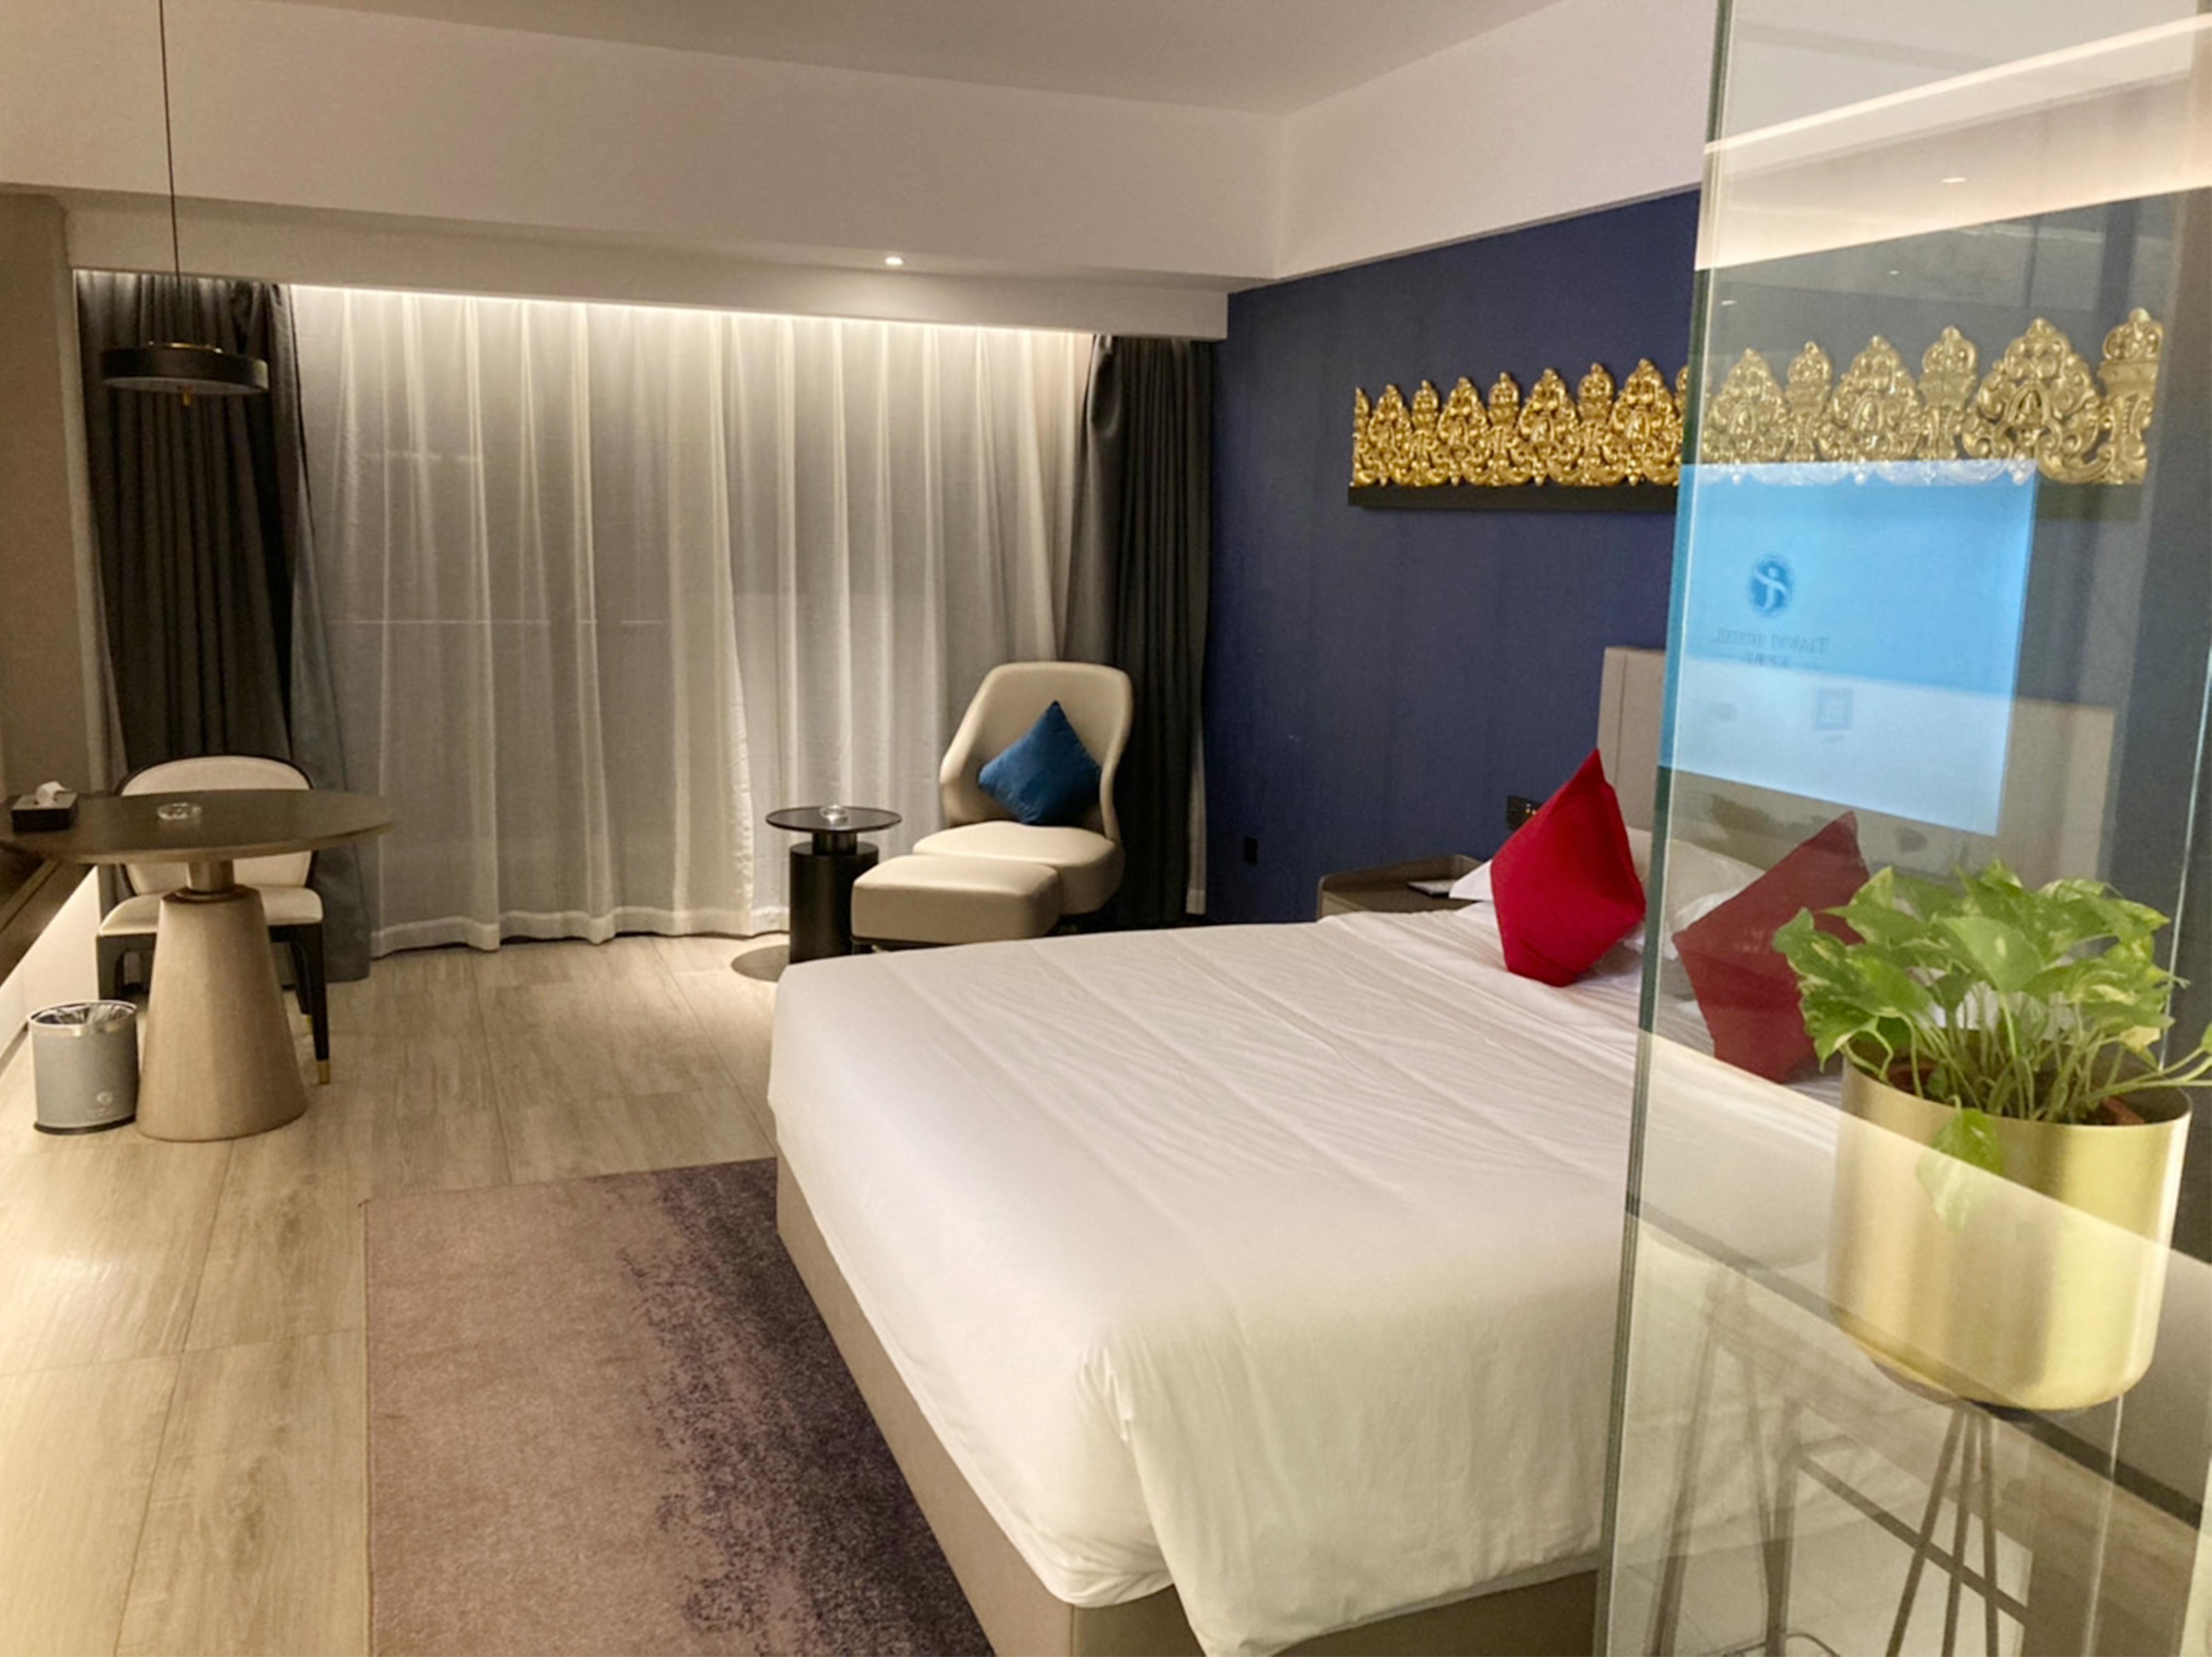 宿泊先のホテル。事前に予約すれば良いところにも泊まれます。